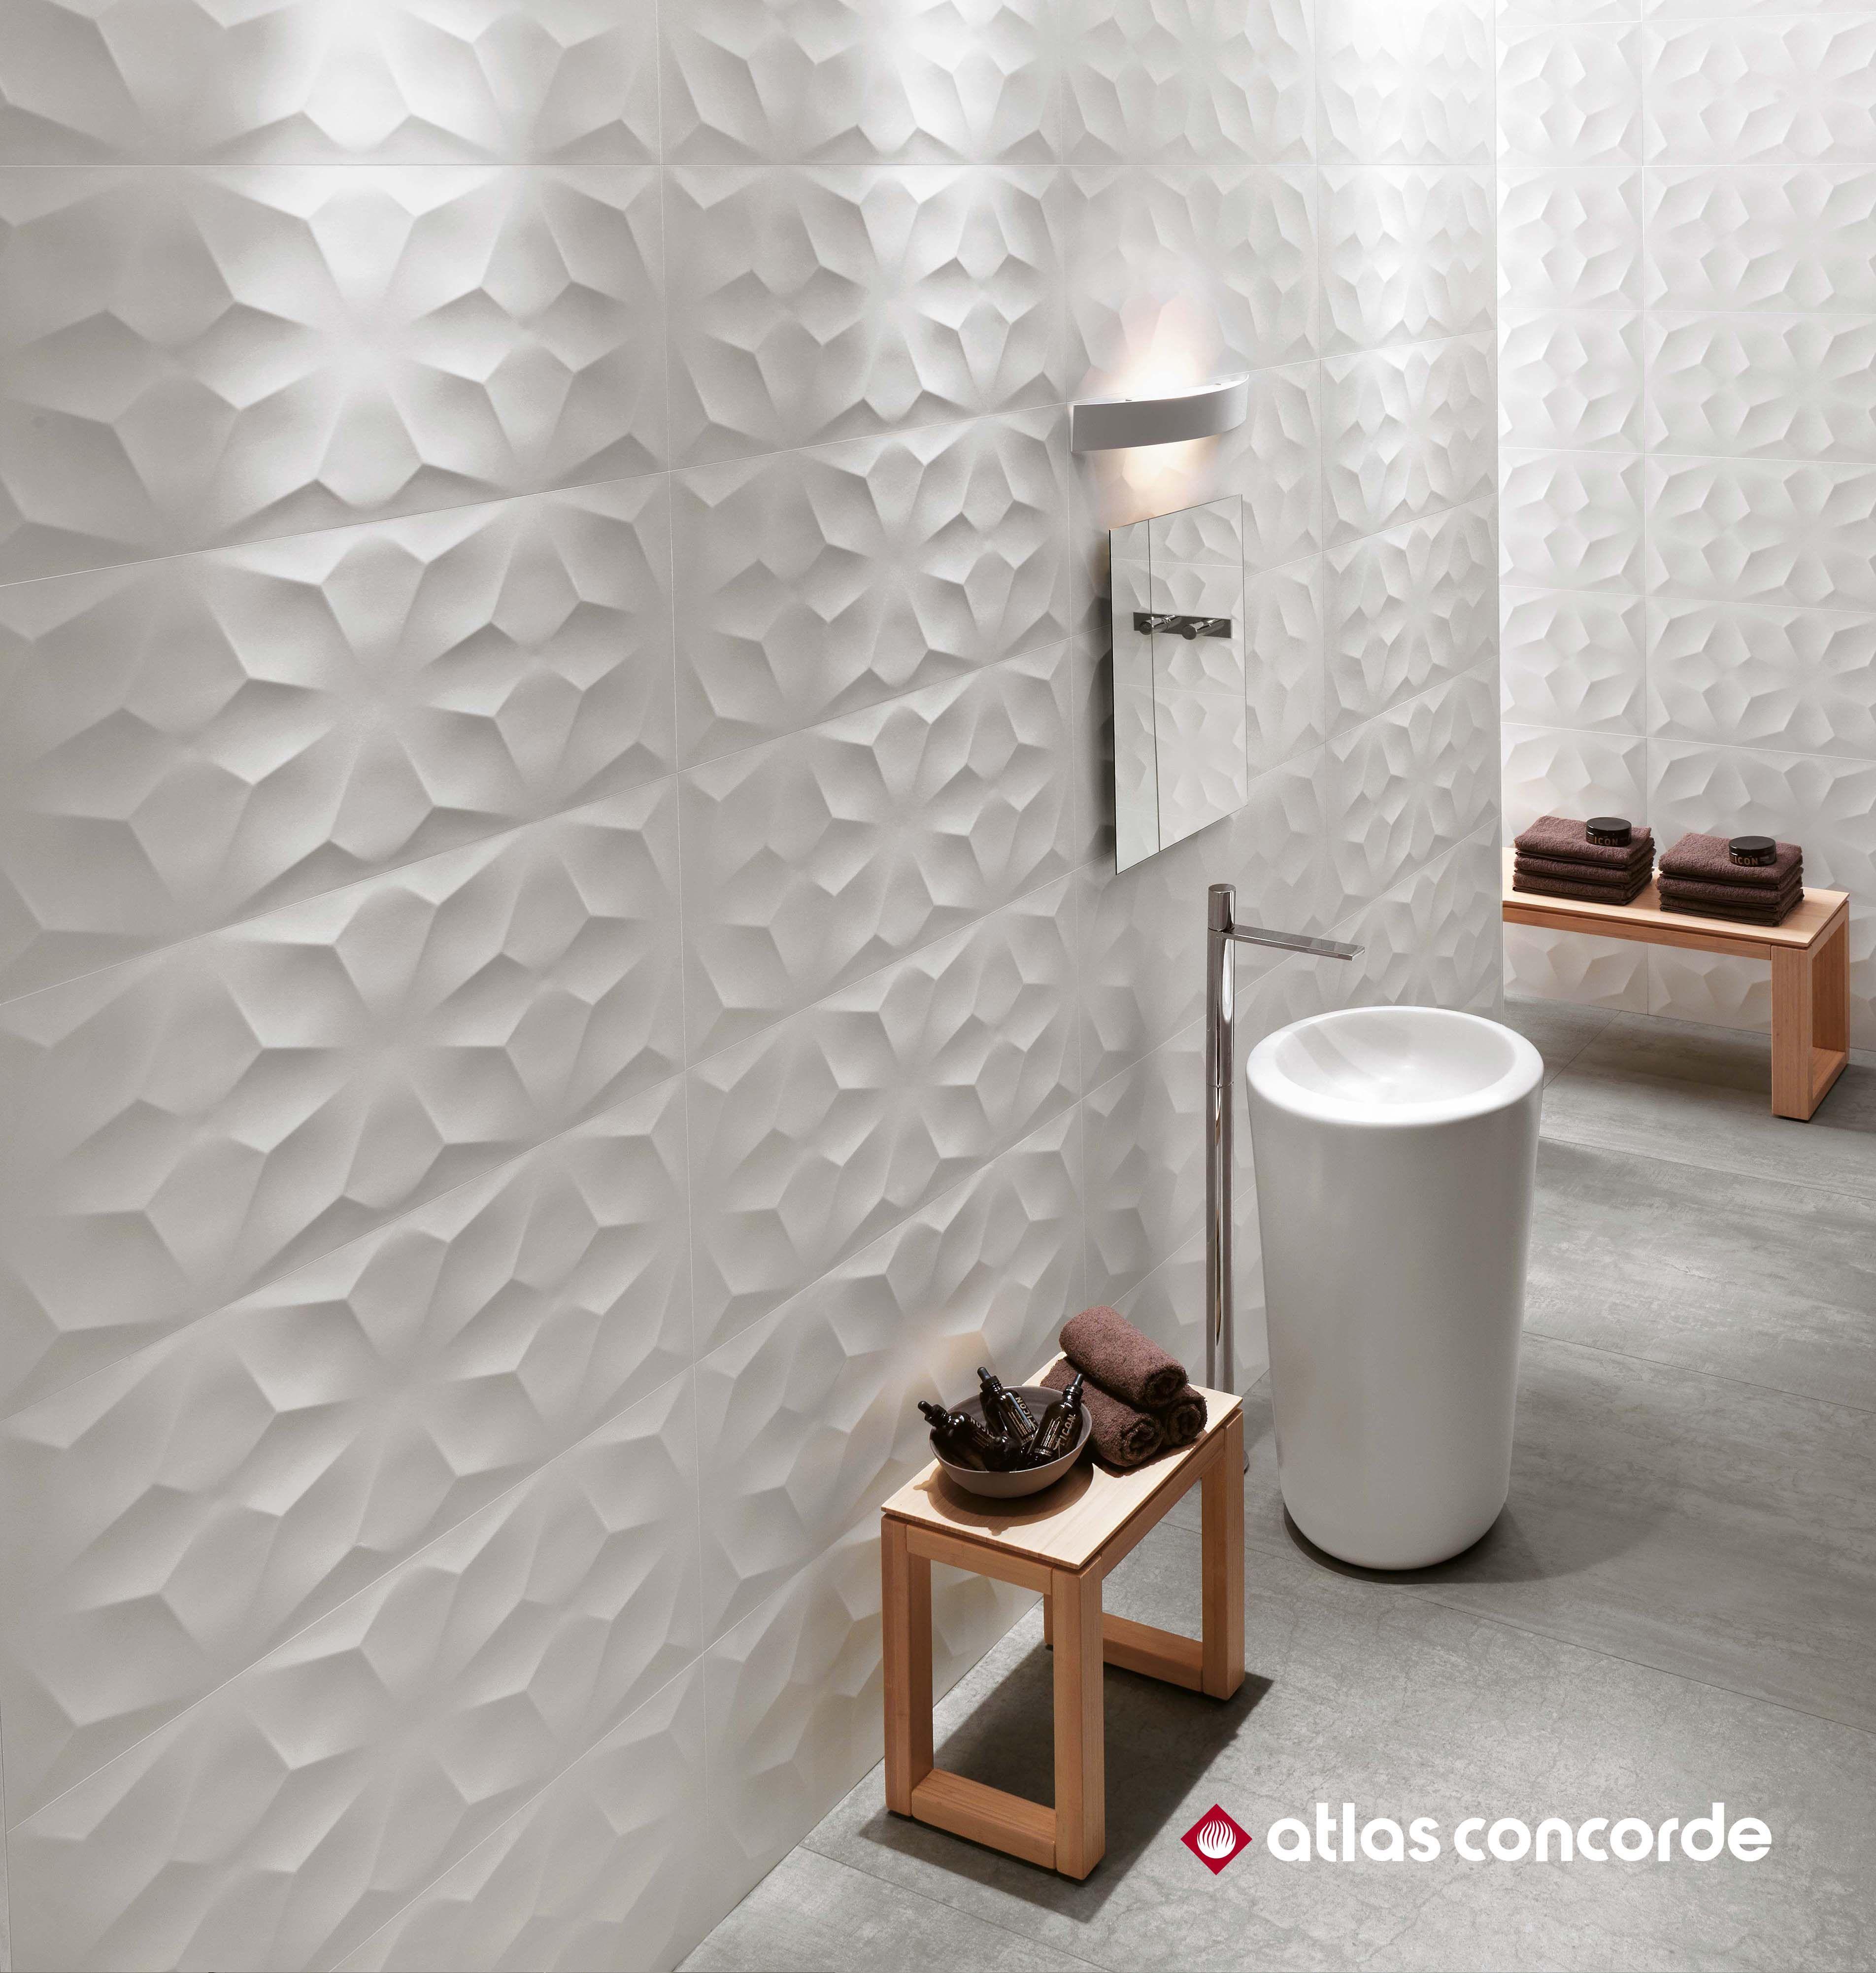 Atlas Concorde Placas De Ceramica Y Gres Porcelanico Decorative Wall Tiles Wall Design Wall Cladding